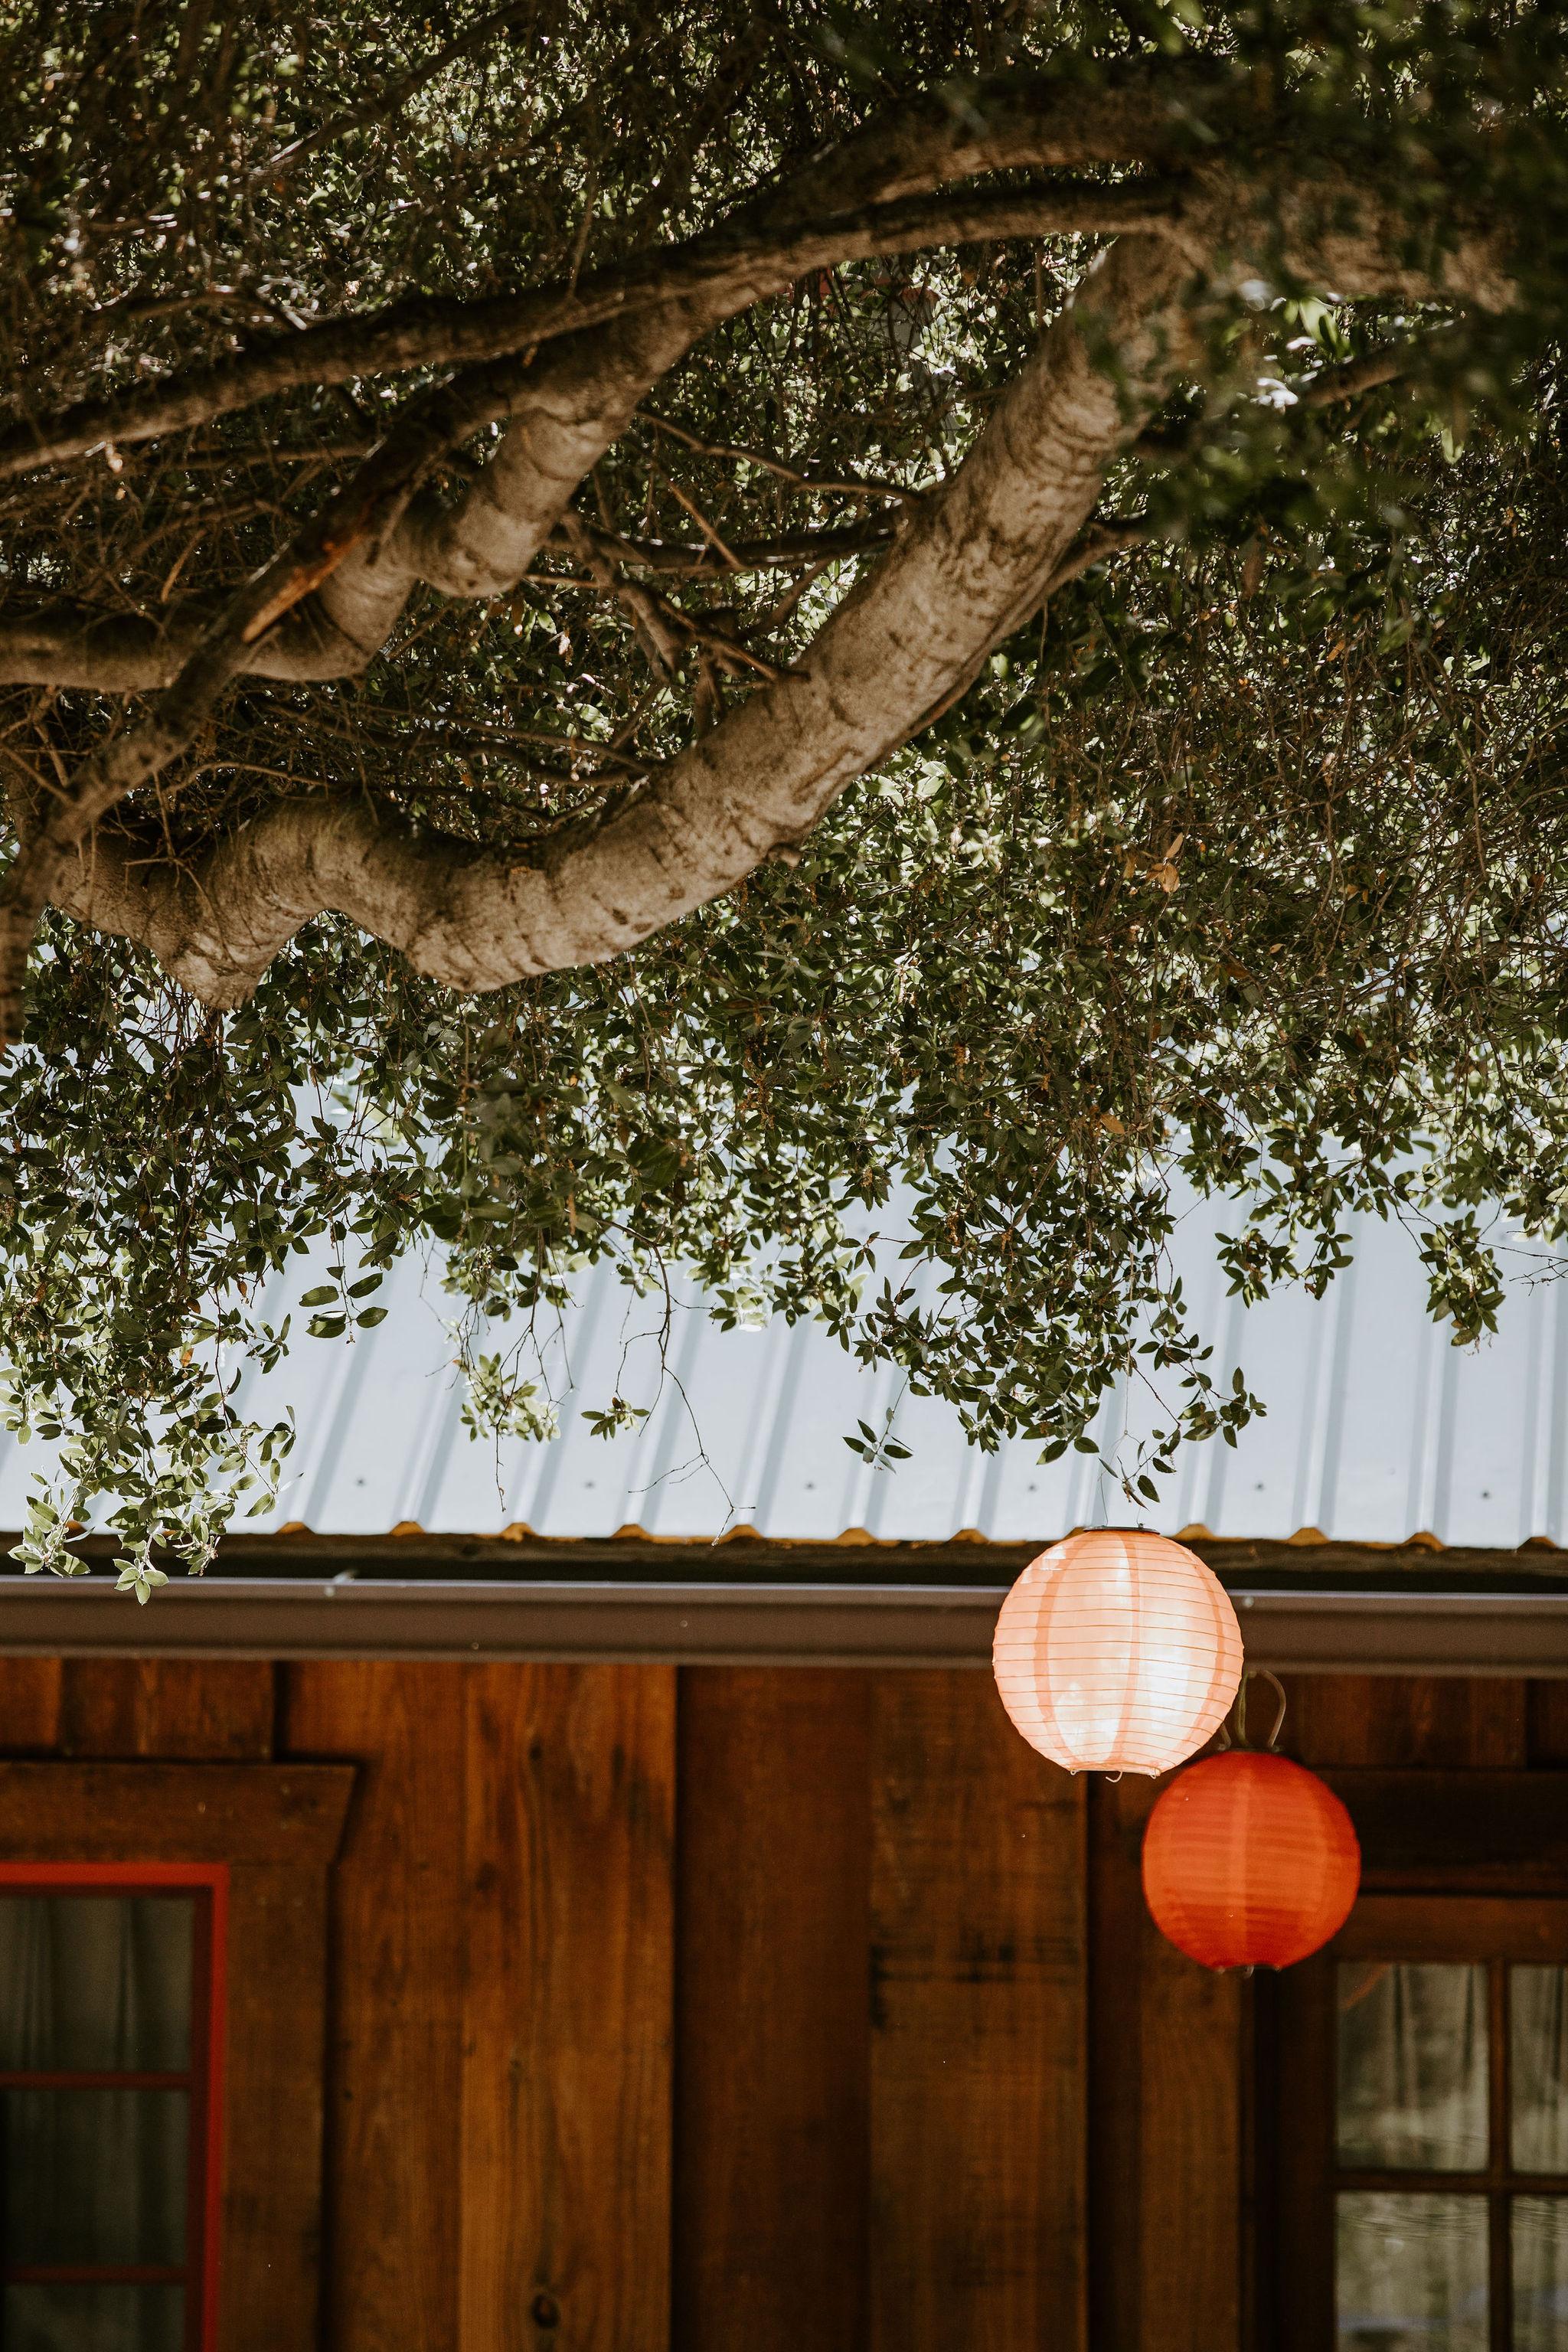 RedwoodRanch_Geoff&LyndsiPhotography_Mike&Amanda_GettingReady41.jpg